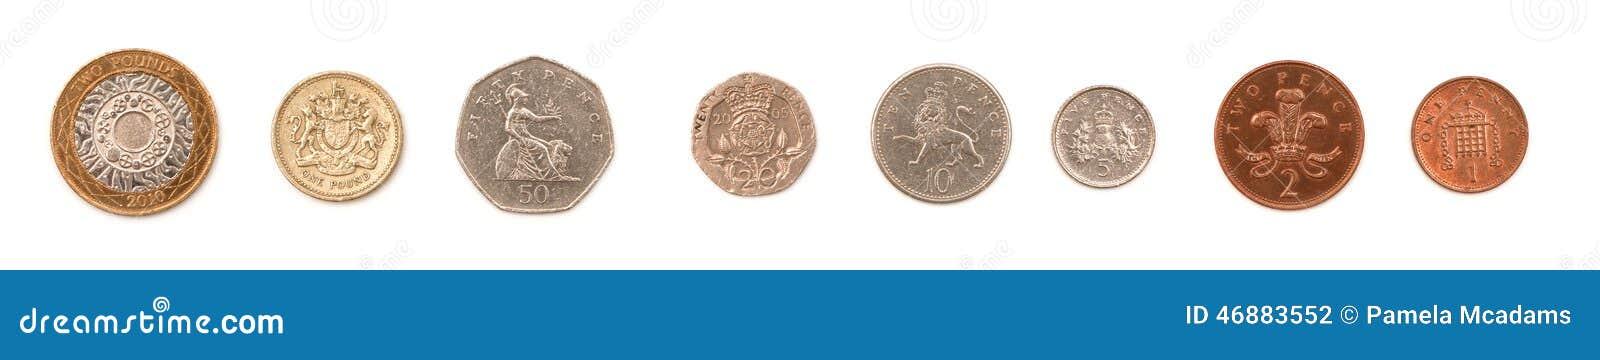 britisches geld stockfoto bild von penny tausenden 46883552. Black Bedroom Furniture Sets. Home Design Ideas